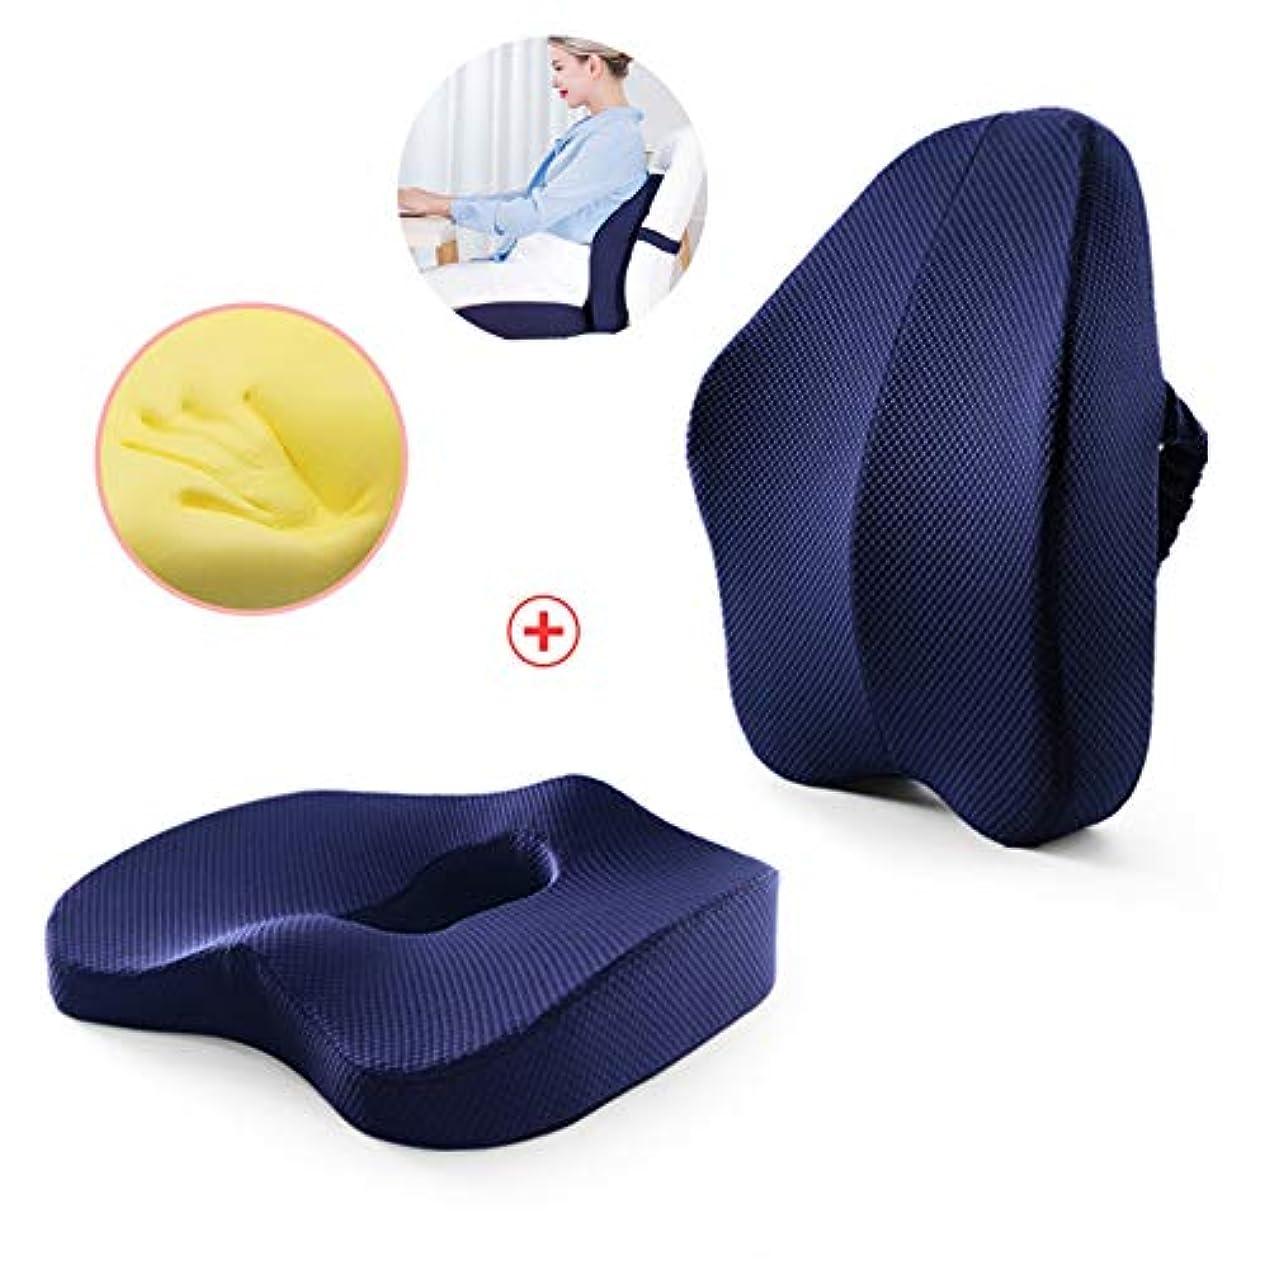 知覚する眠いです癌シートクッションとランバーサポート 低反発フォームの洗えるカバークッション、車のオフィスコンピュータチェア車椅子用